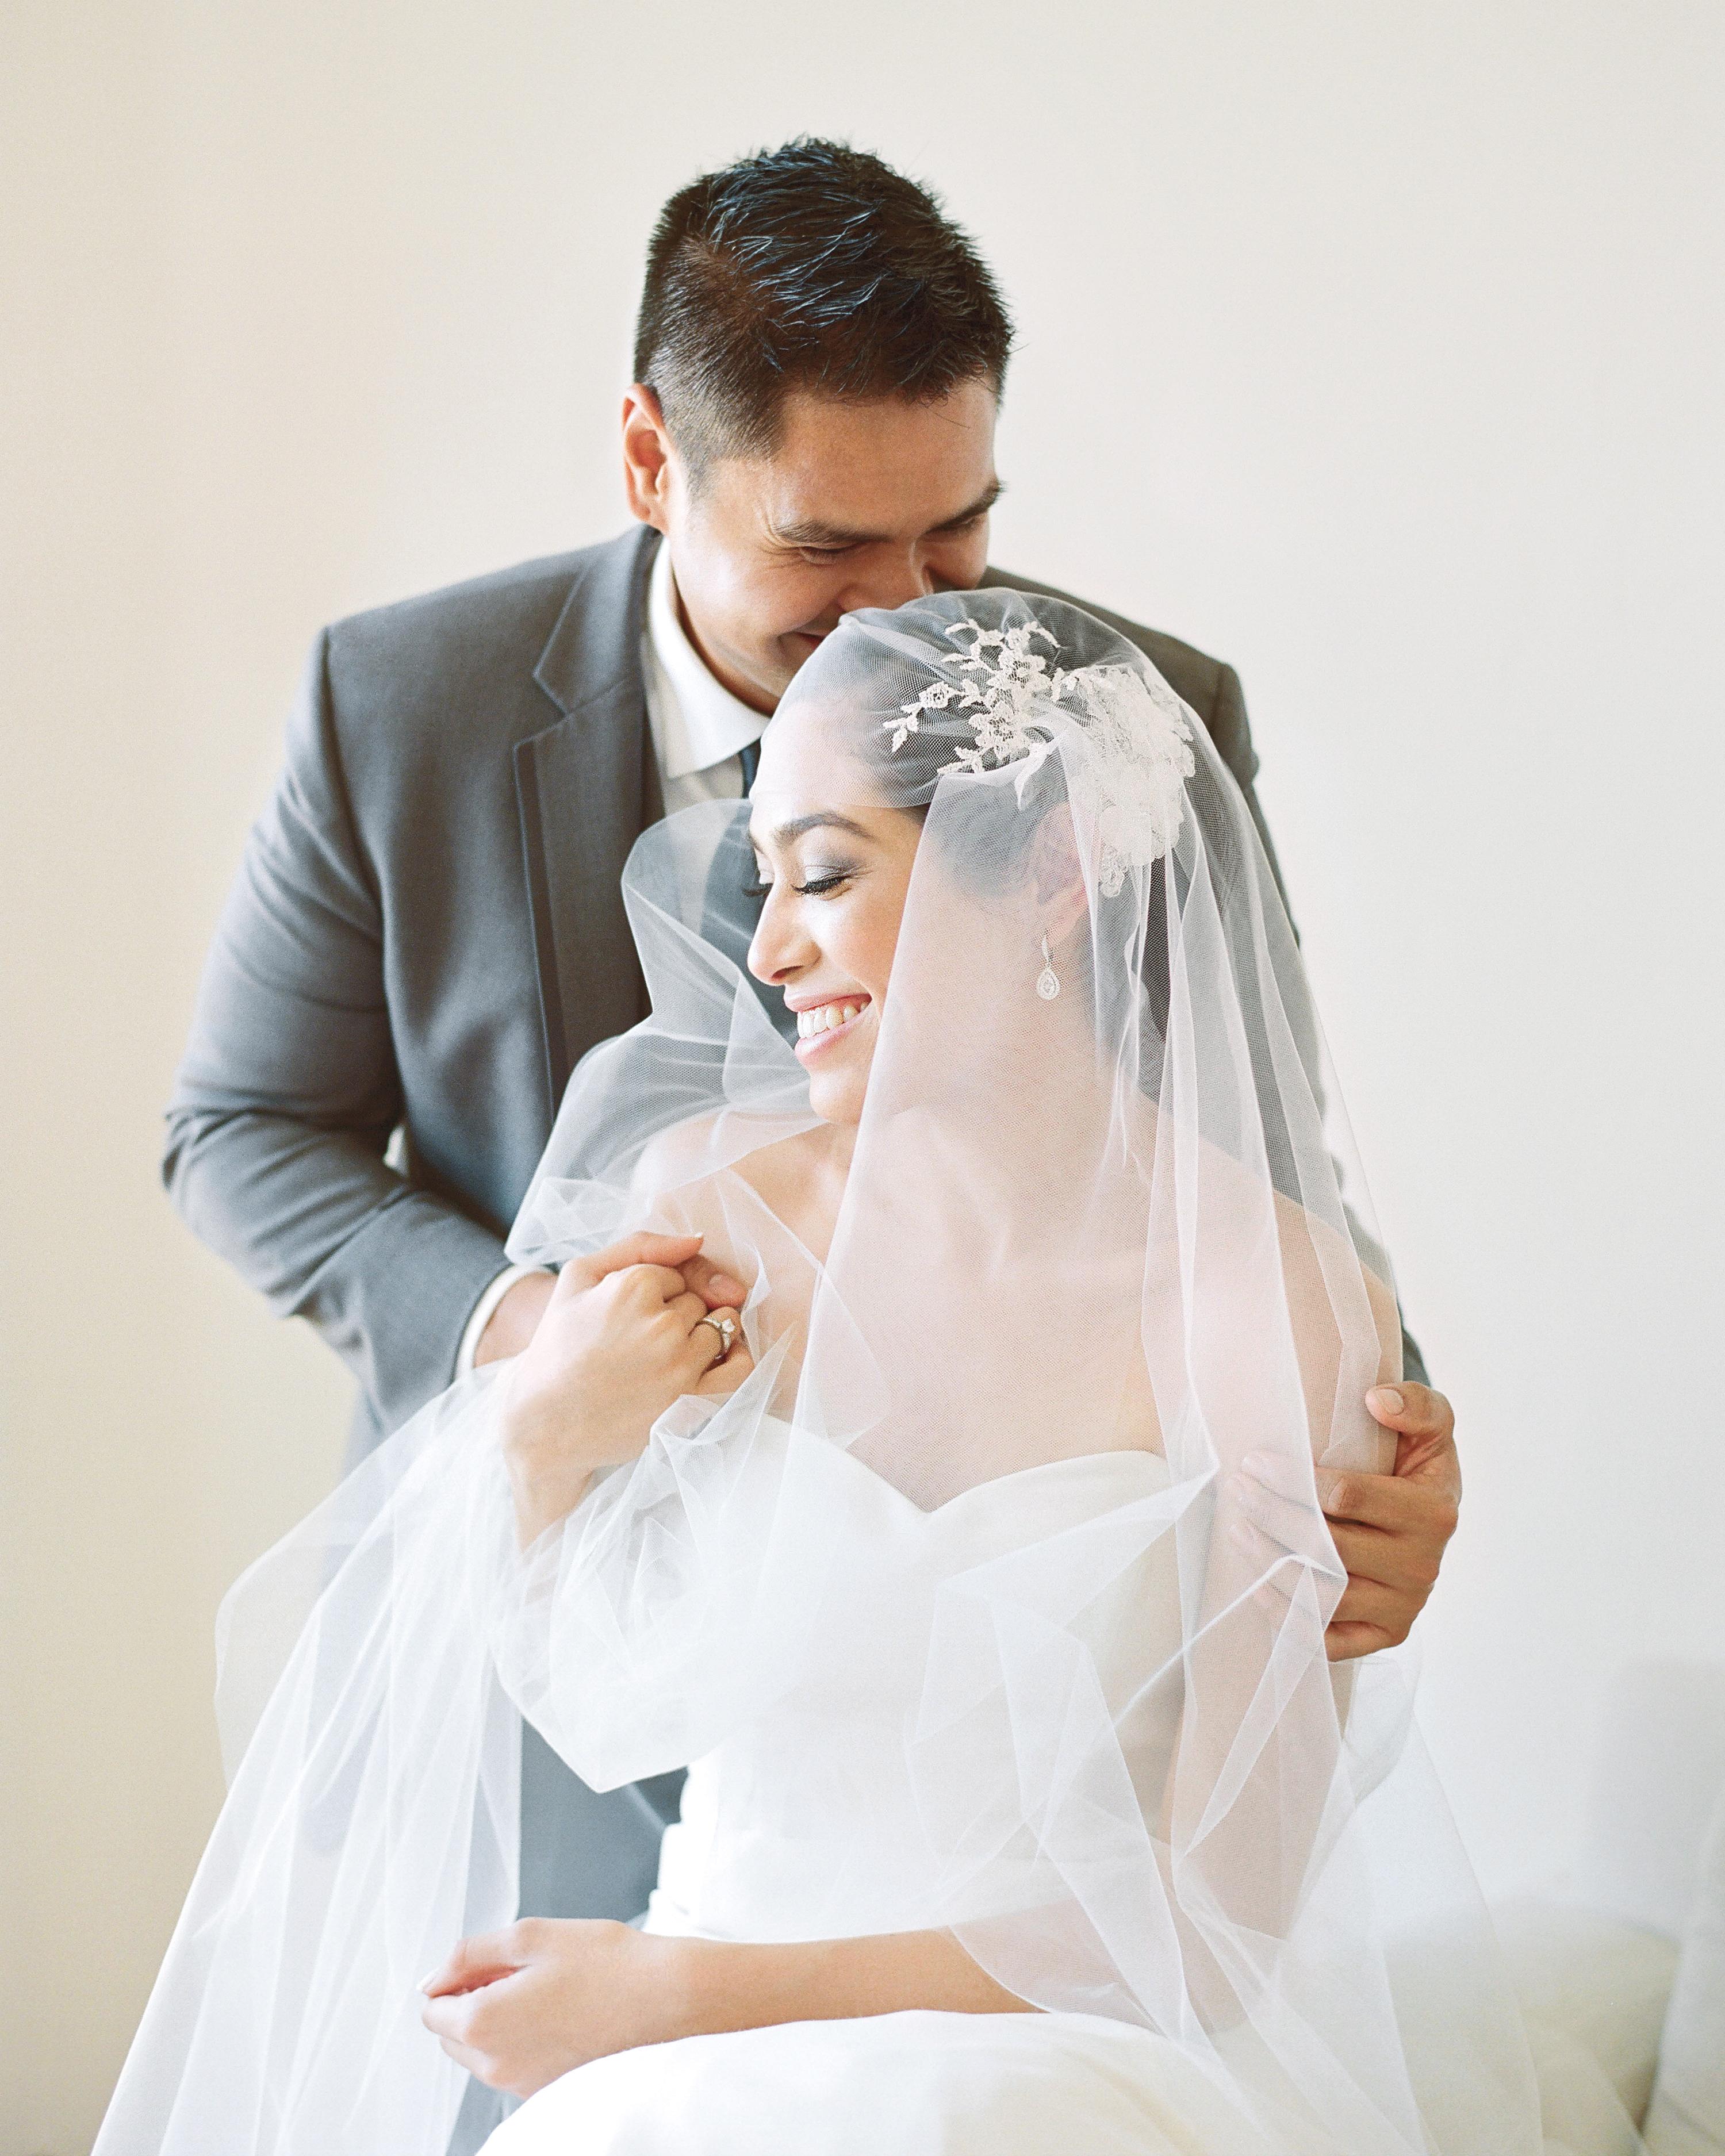 bride-groom-elizabeth-messina-001-mwds110806.jpg